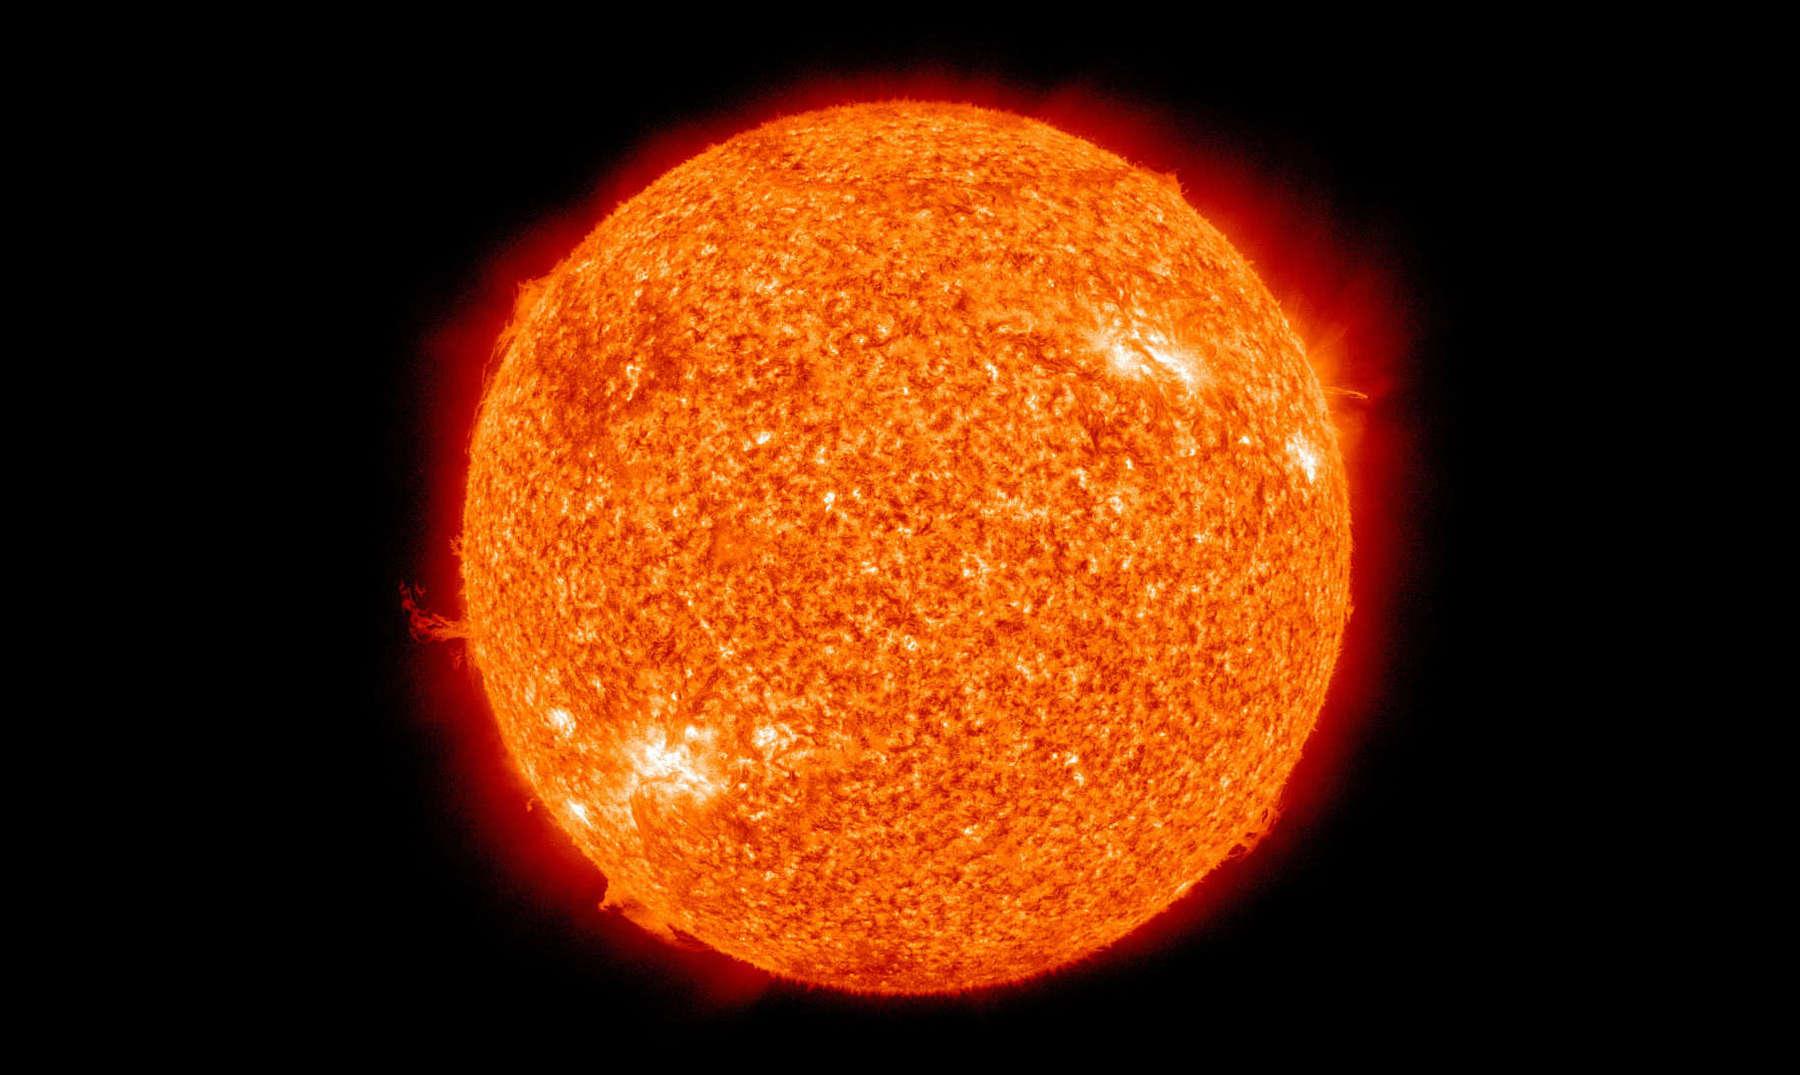 que ocurrirá cuando explote el sol